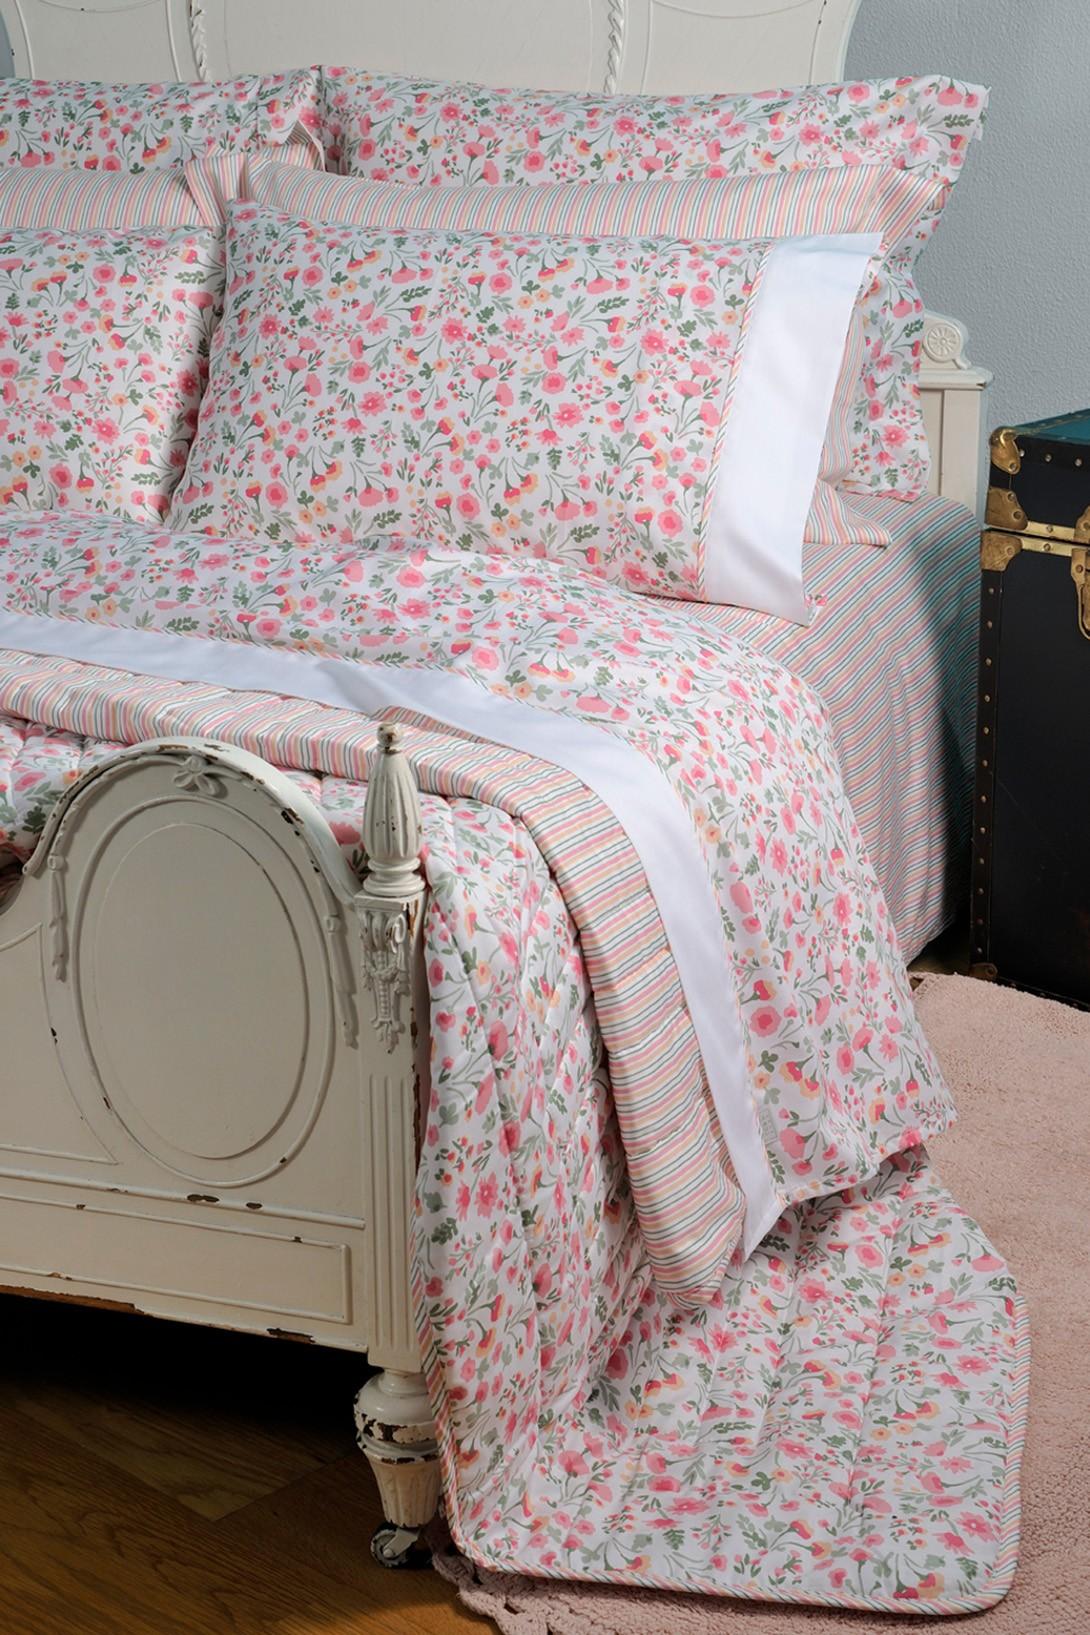 Κουβερλί Μονό (Σετ) Down Town Primo Charlotte S 603 home   κρεβατοκάμαρα   κουβερλί   κουβερλί μονά